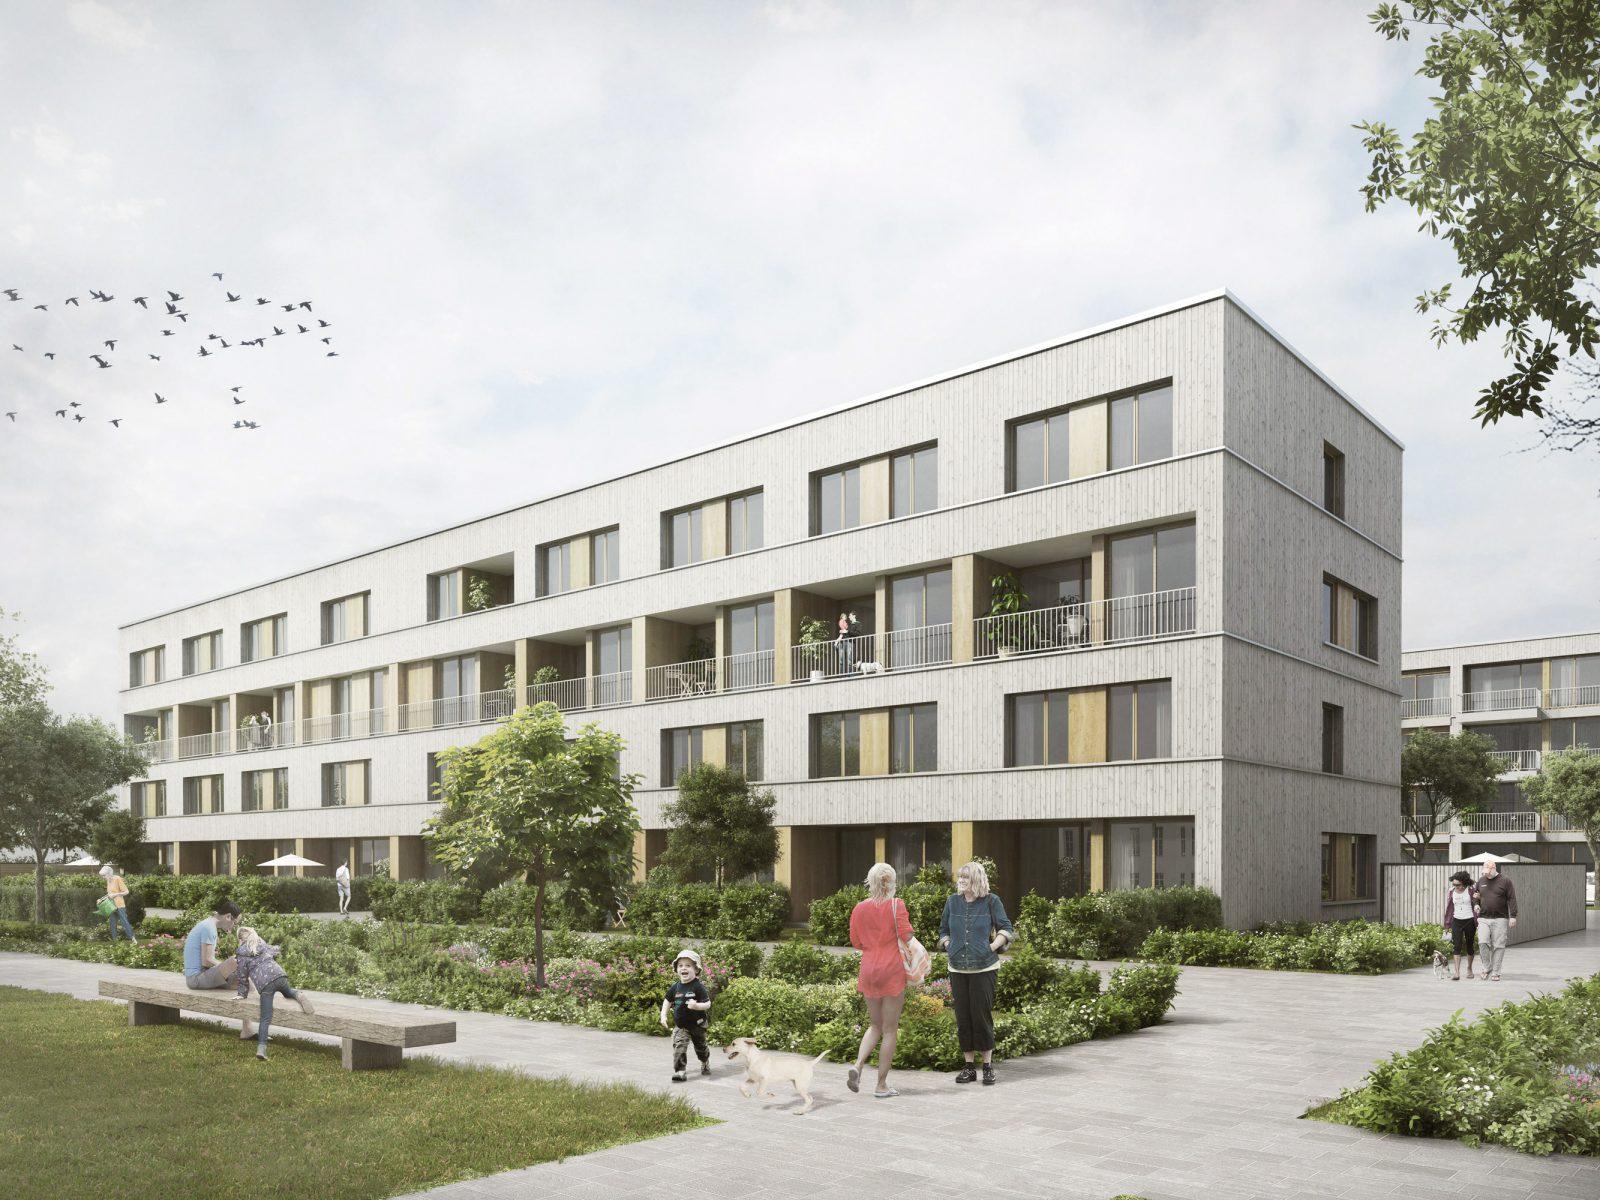 Drei Häuser am Alsterplatz